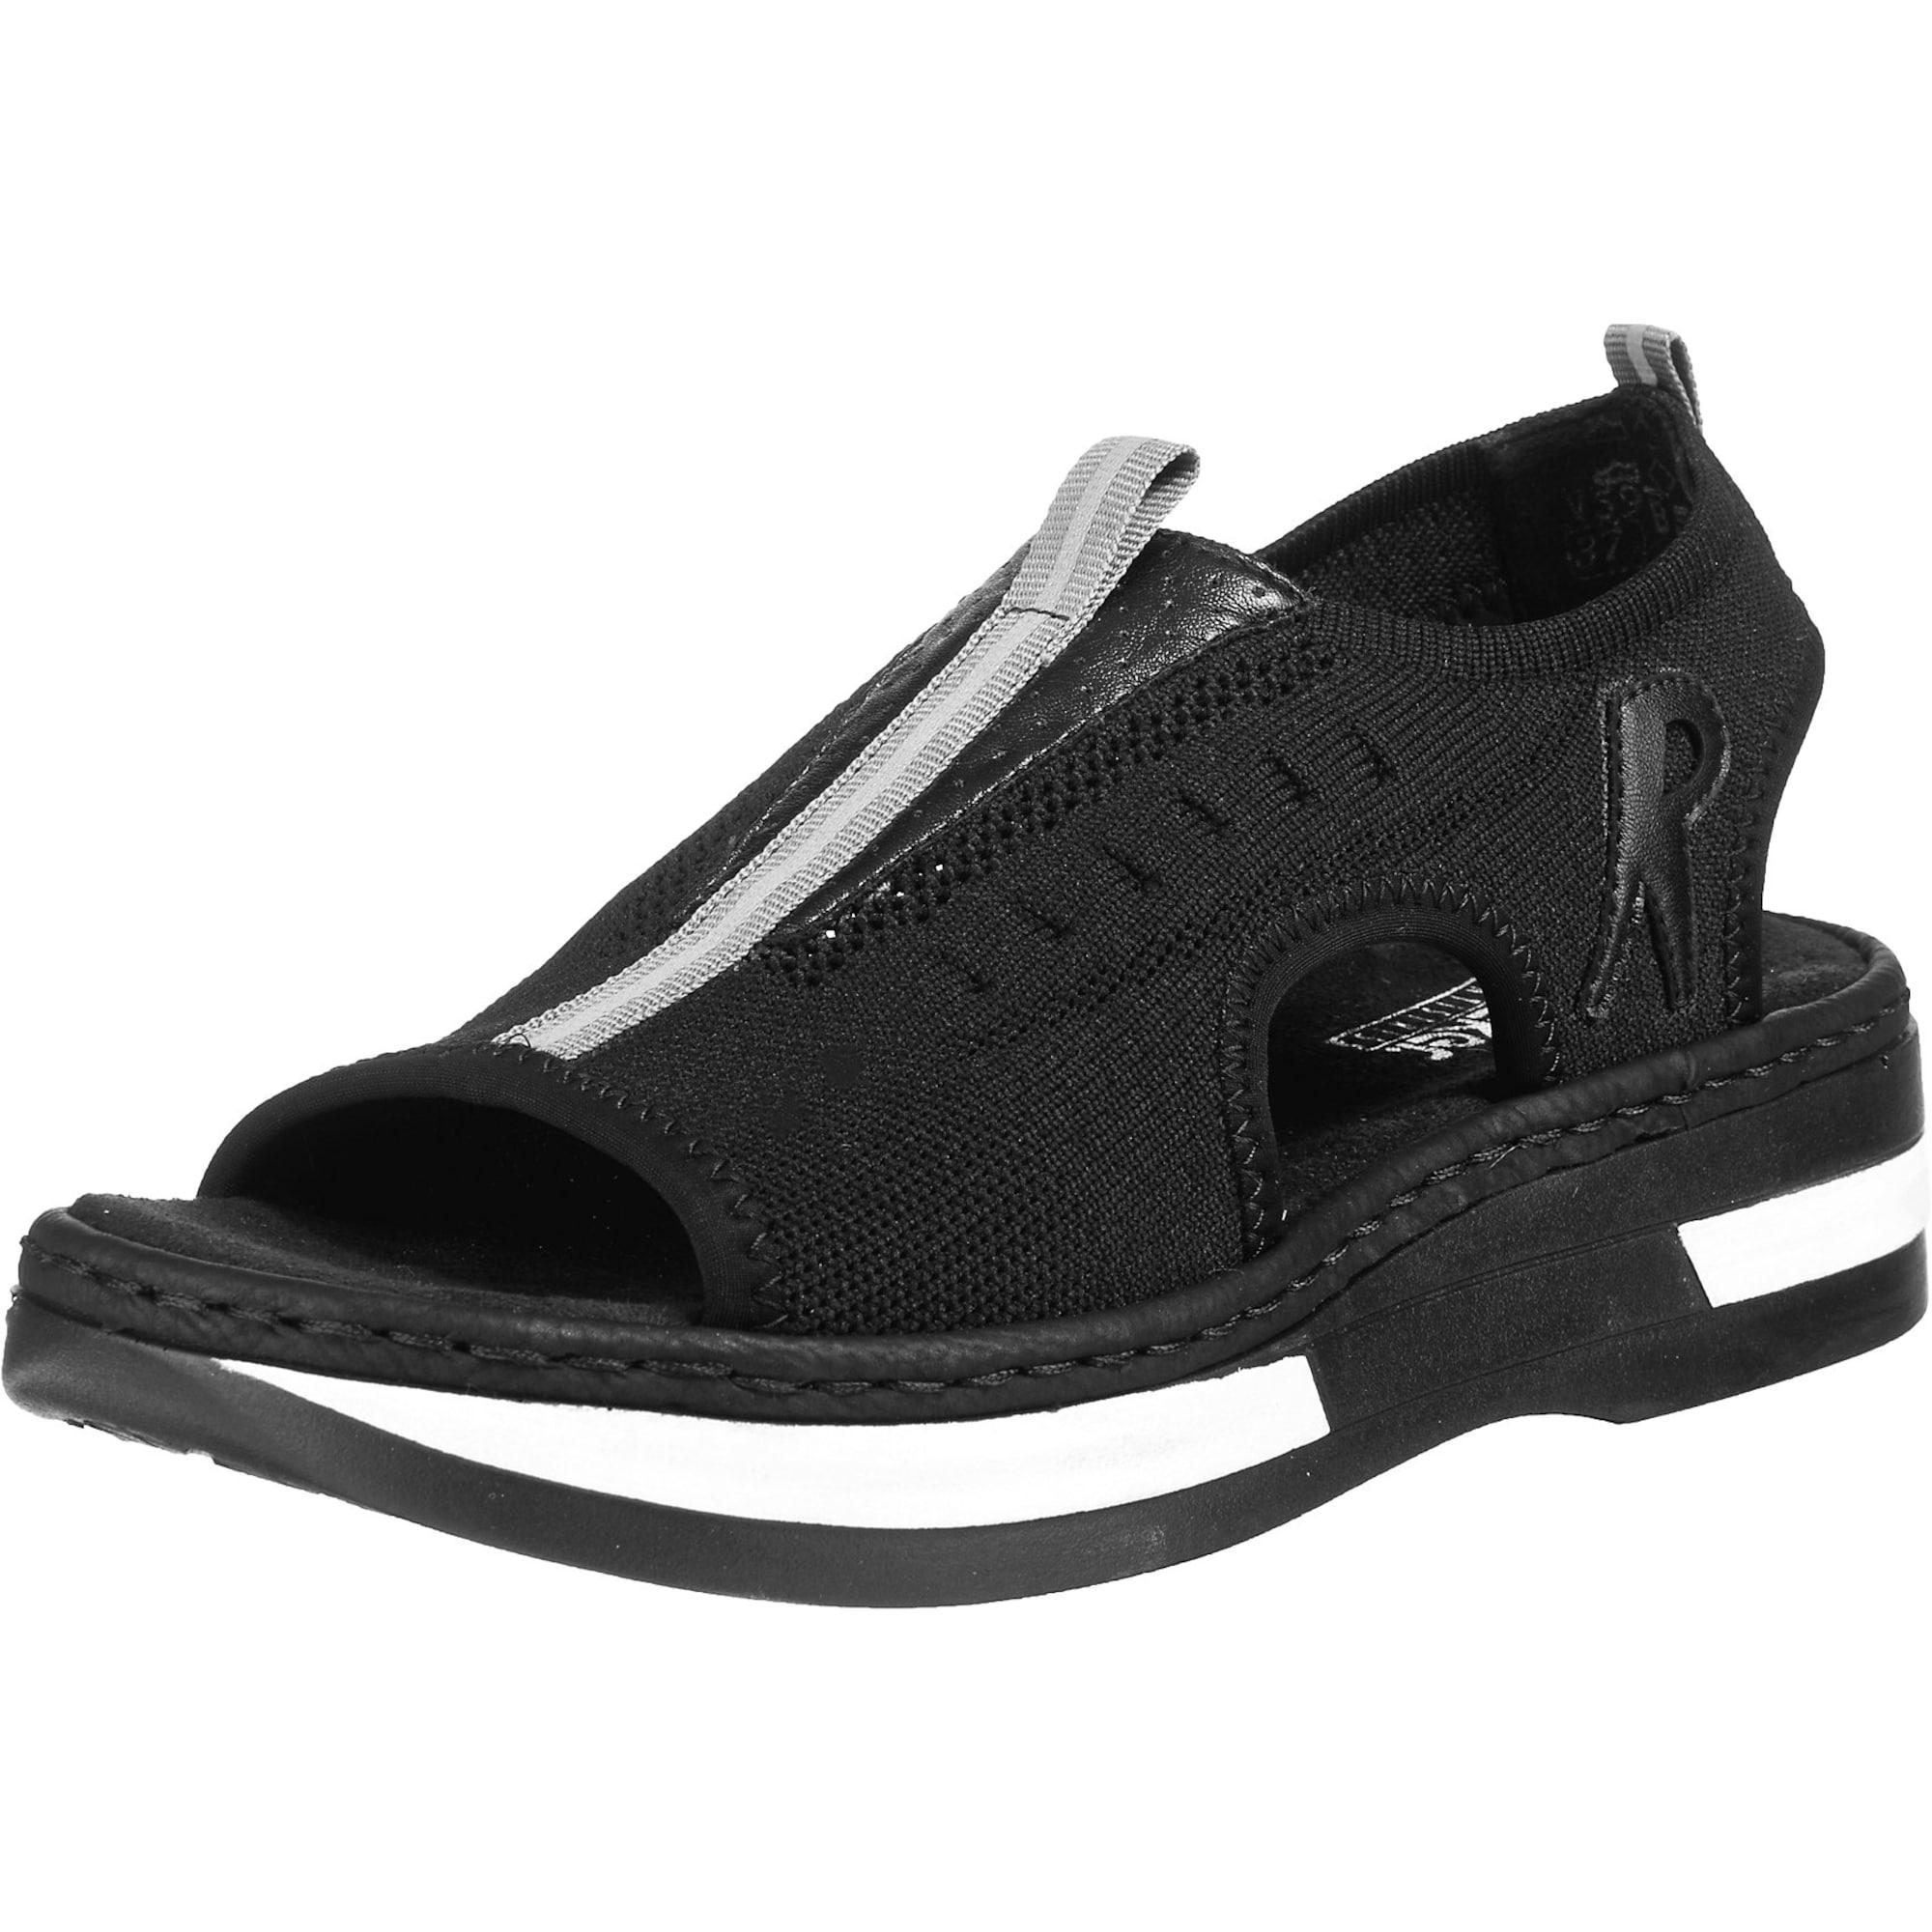 RIEKER Sandalai juoda / balta / šviesiai pilka